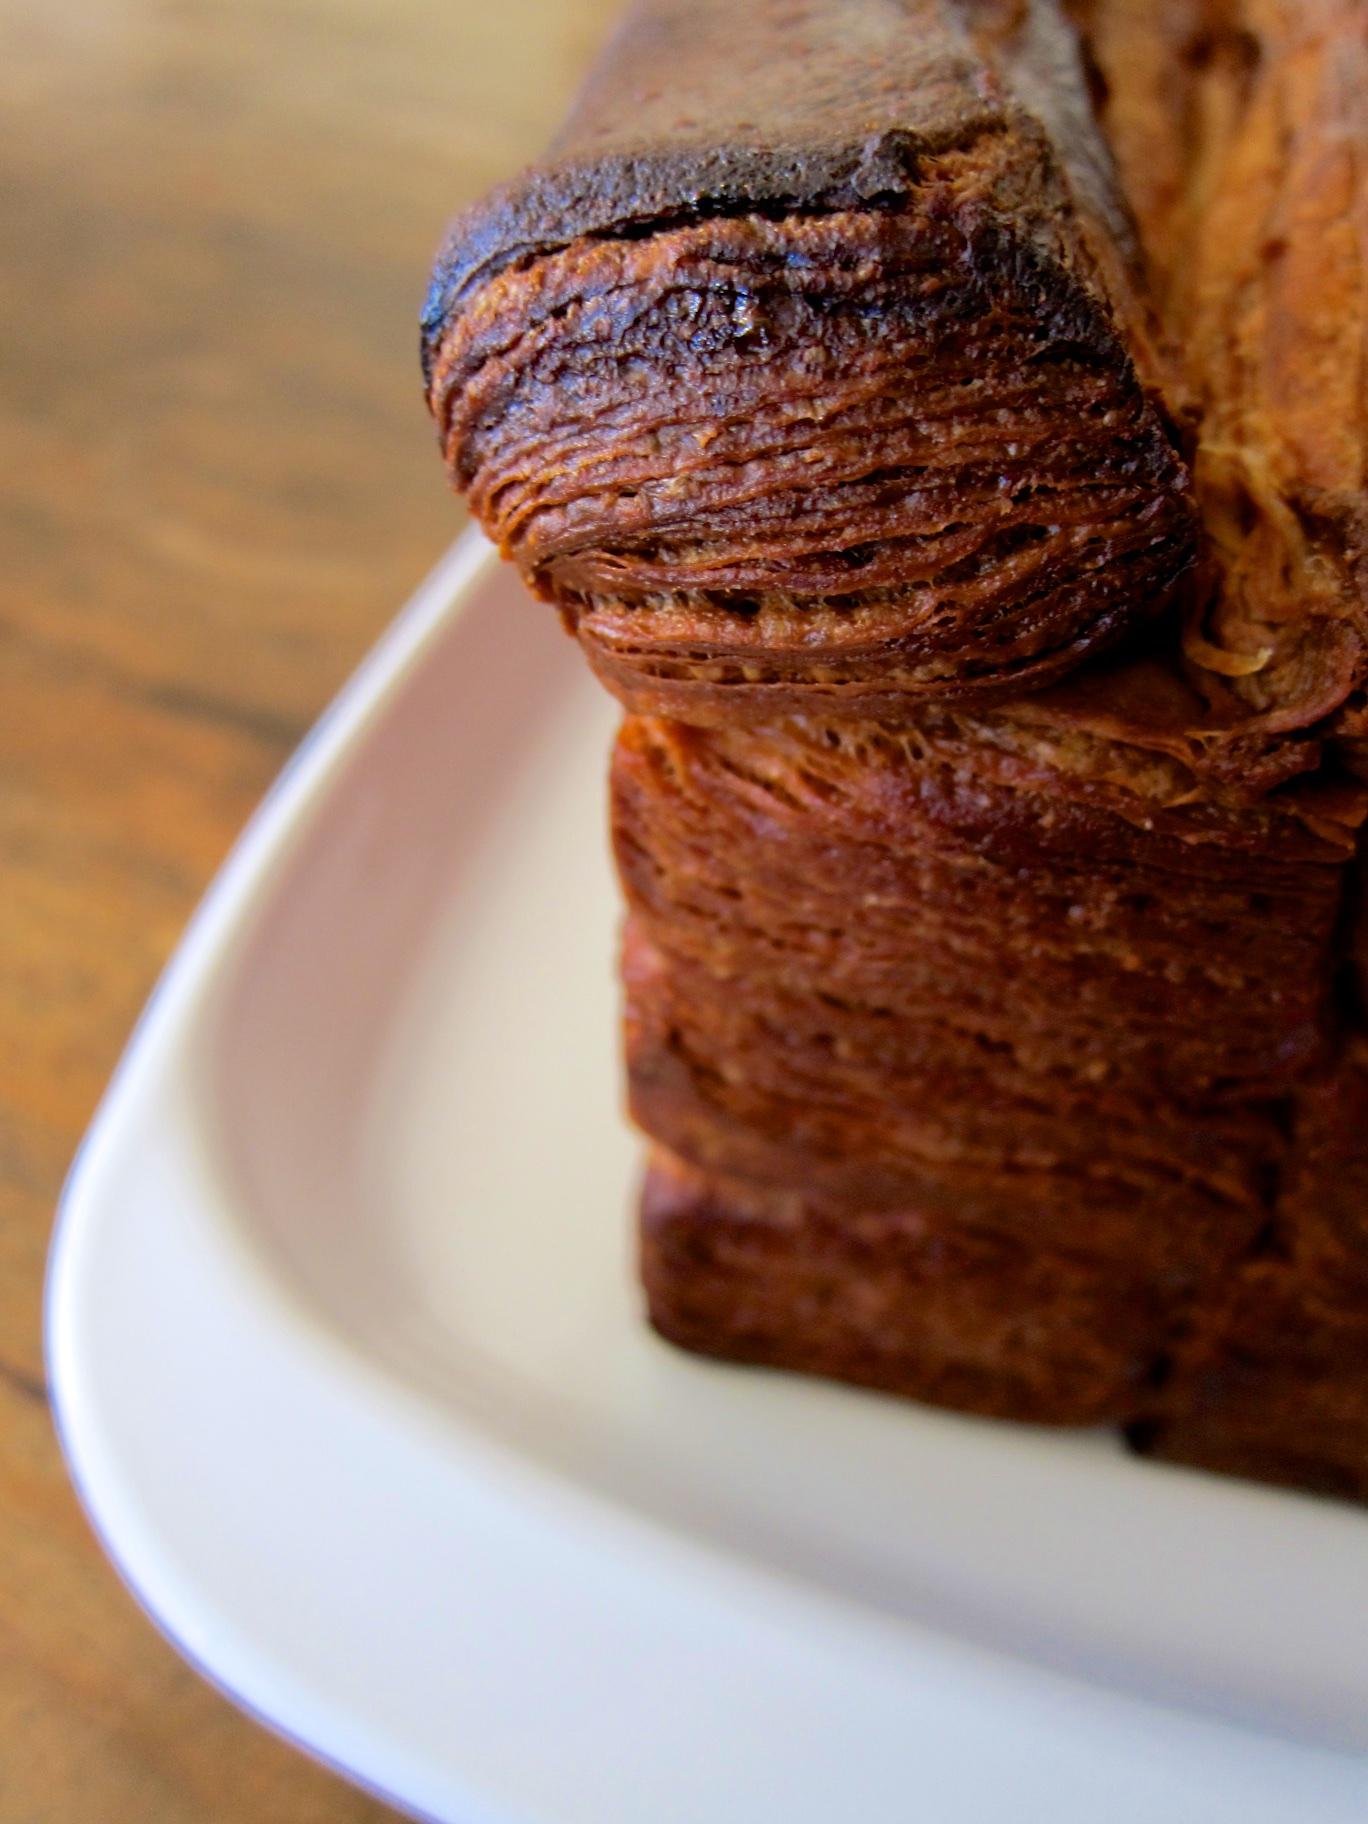 CroissantLoaf_6.jpg